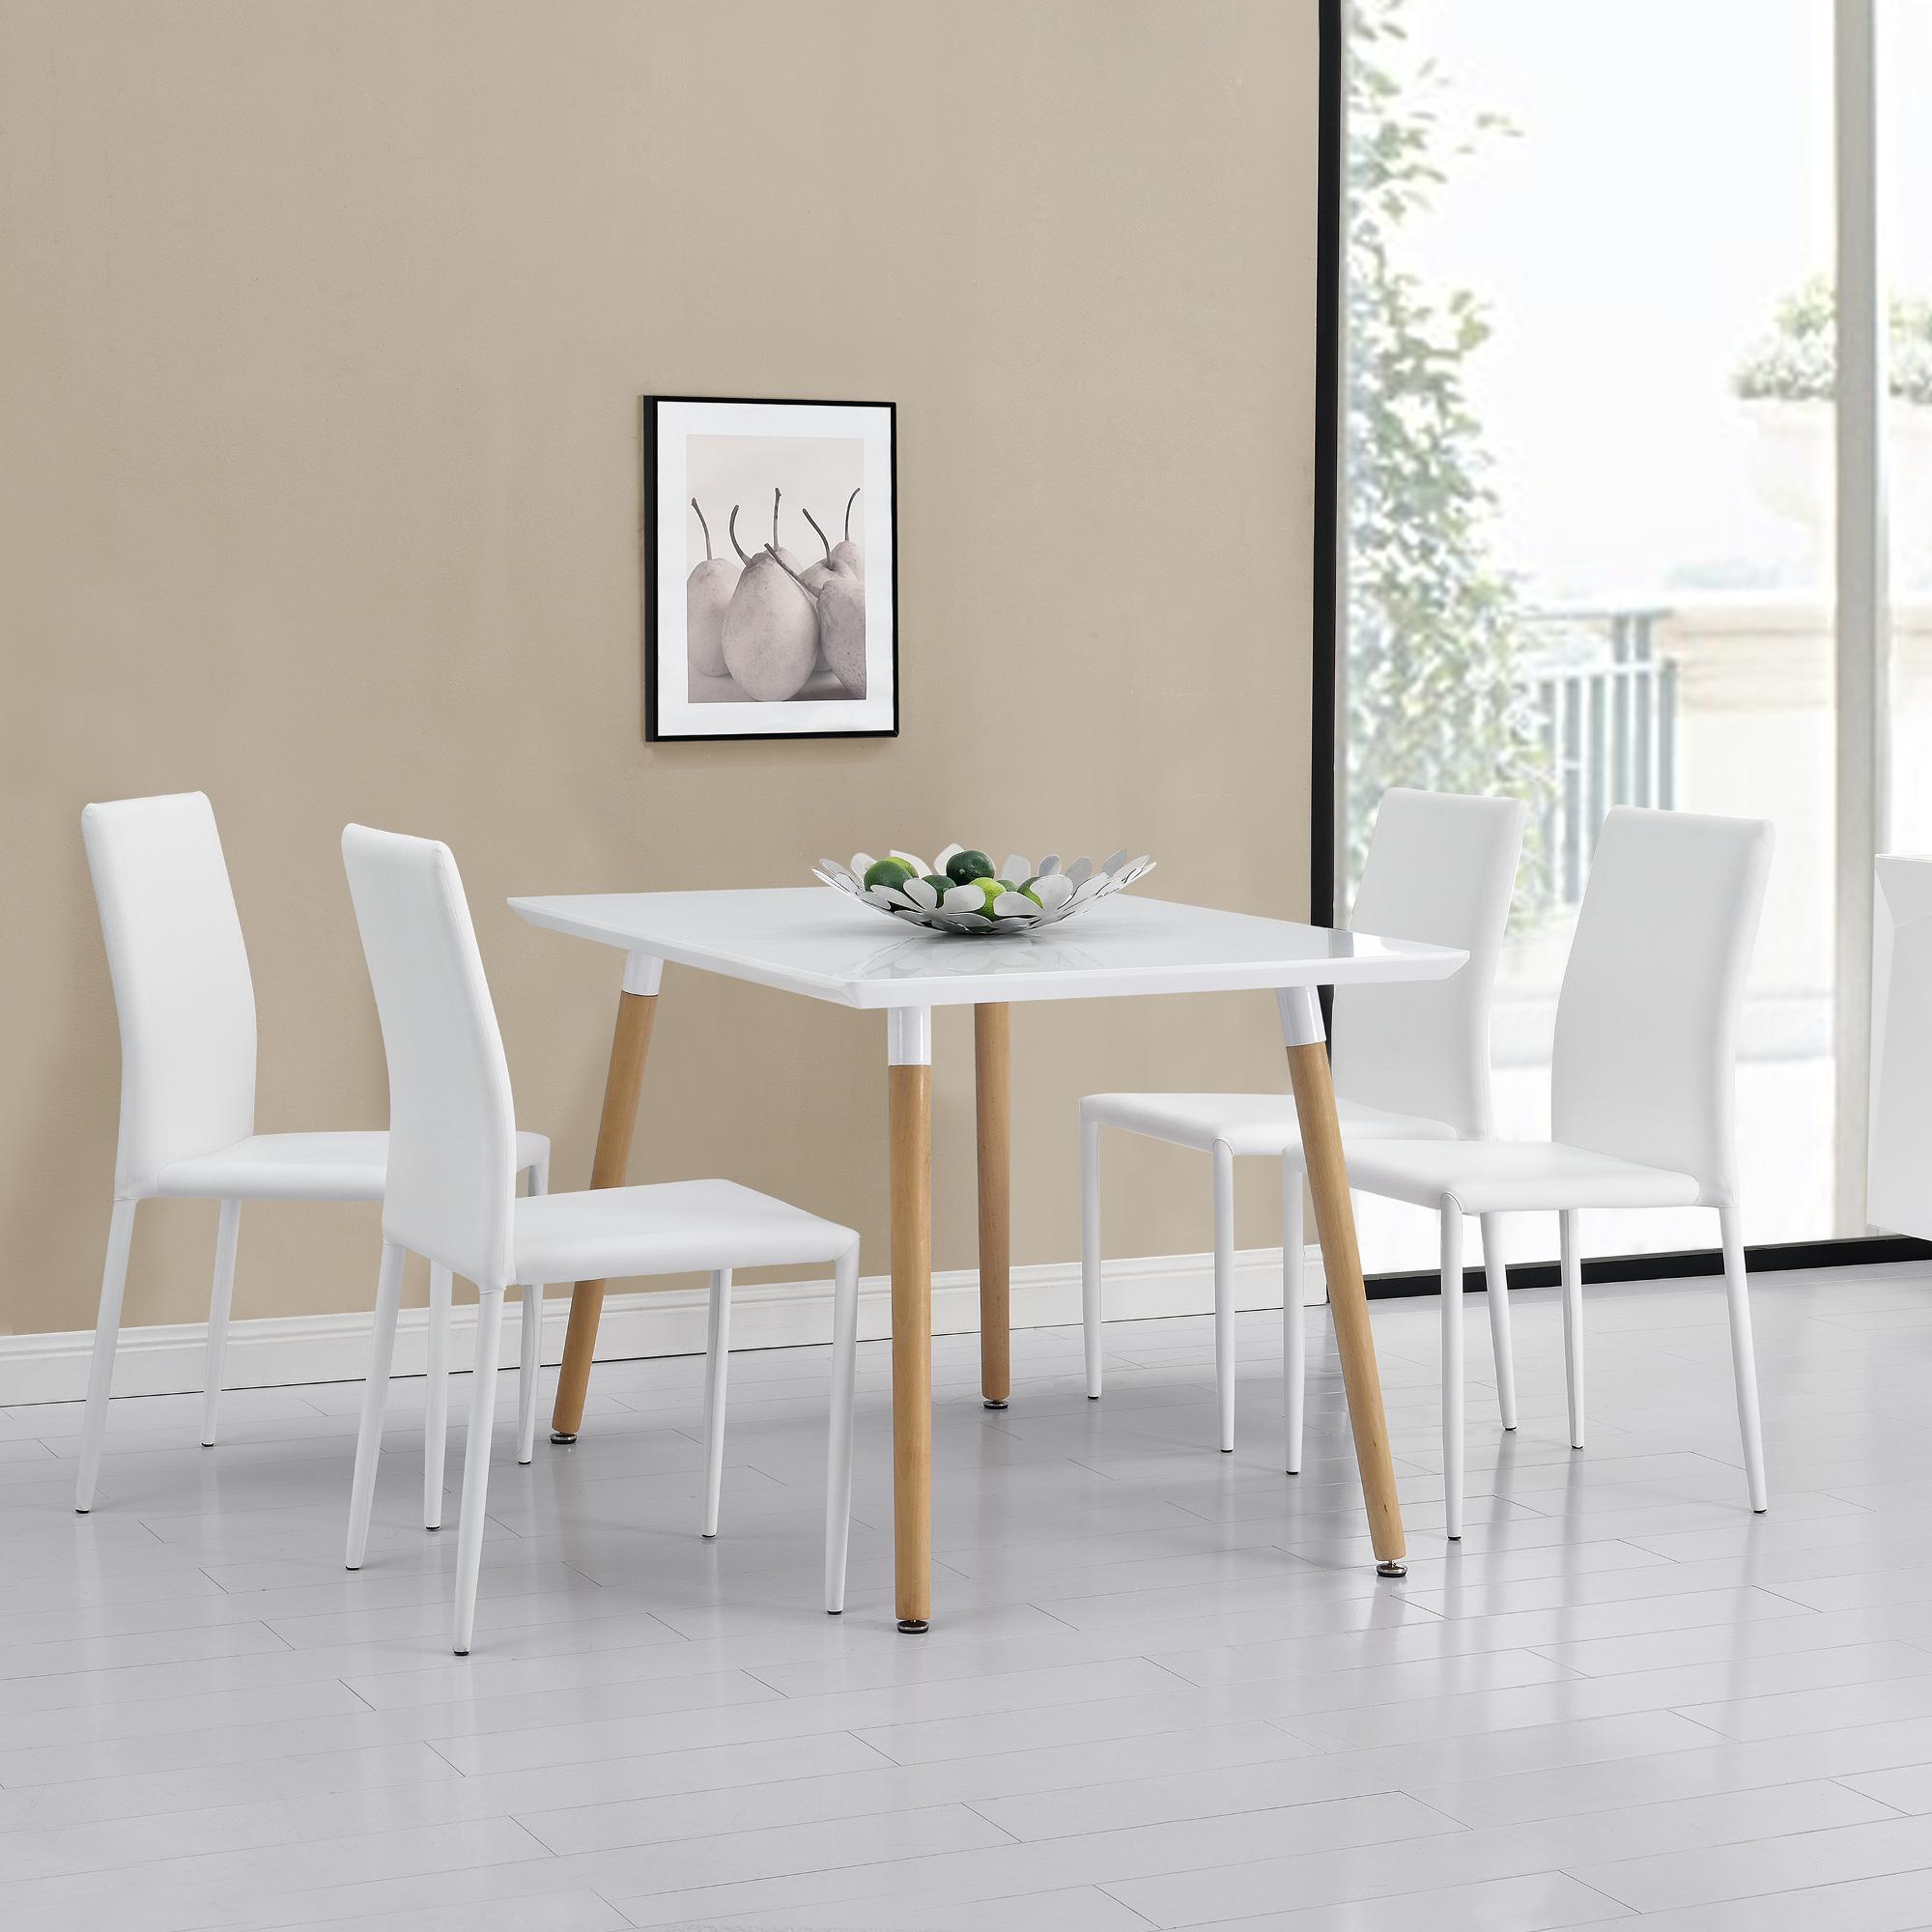 en.casa]® Esstisch mit 4 Stühlen weiß 120x70cm Küchentisch ...